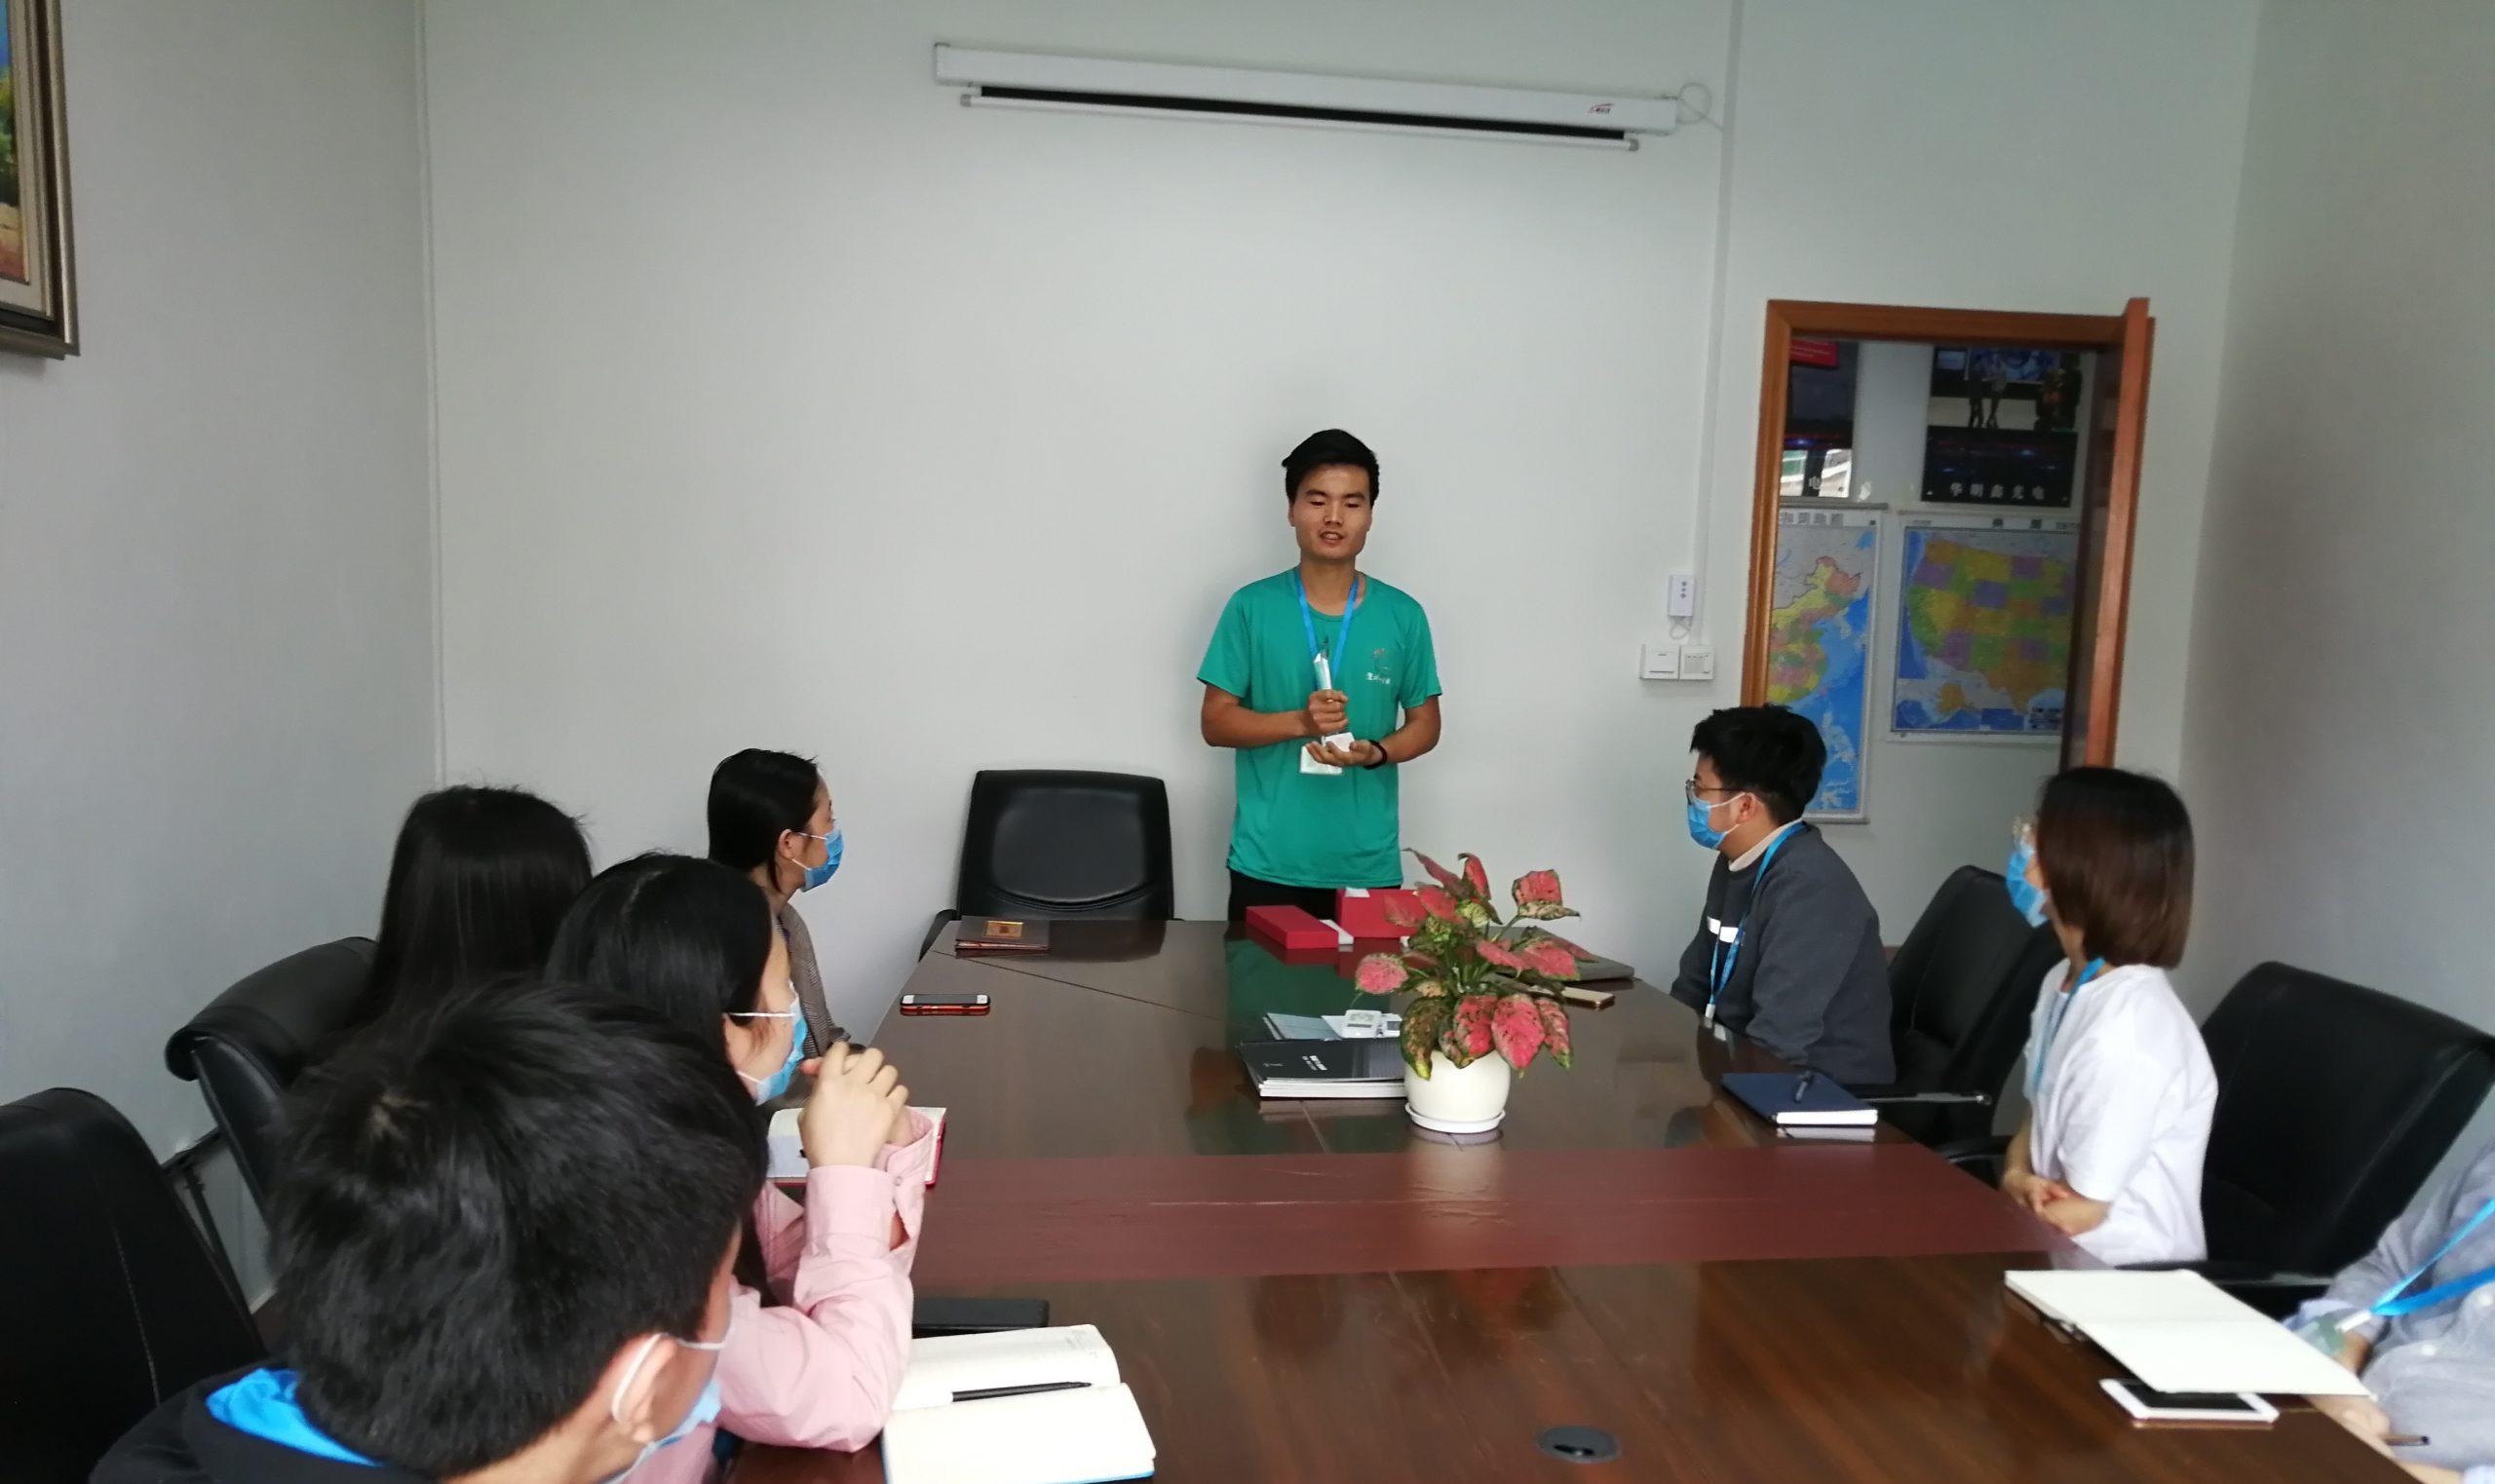 Рекомендательная конференция Sunrise Business Staff